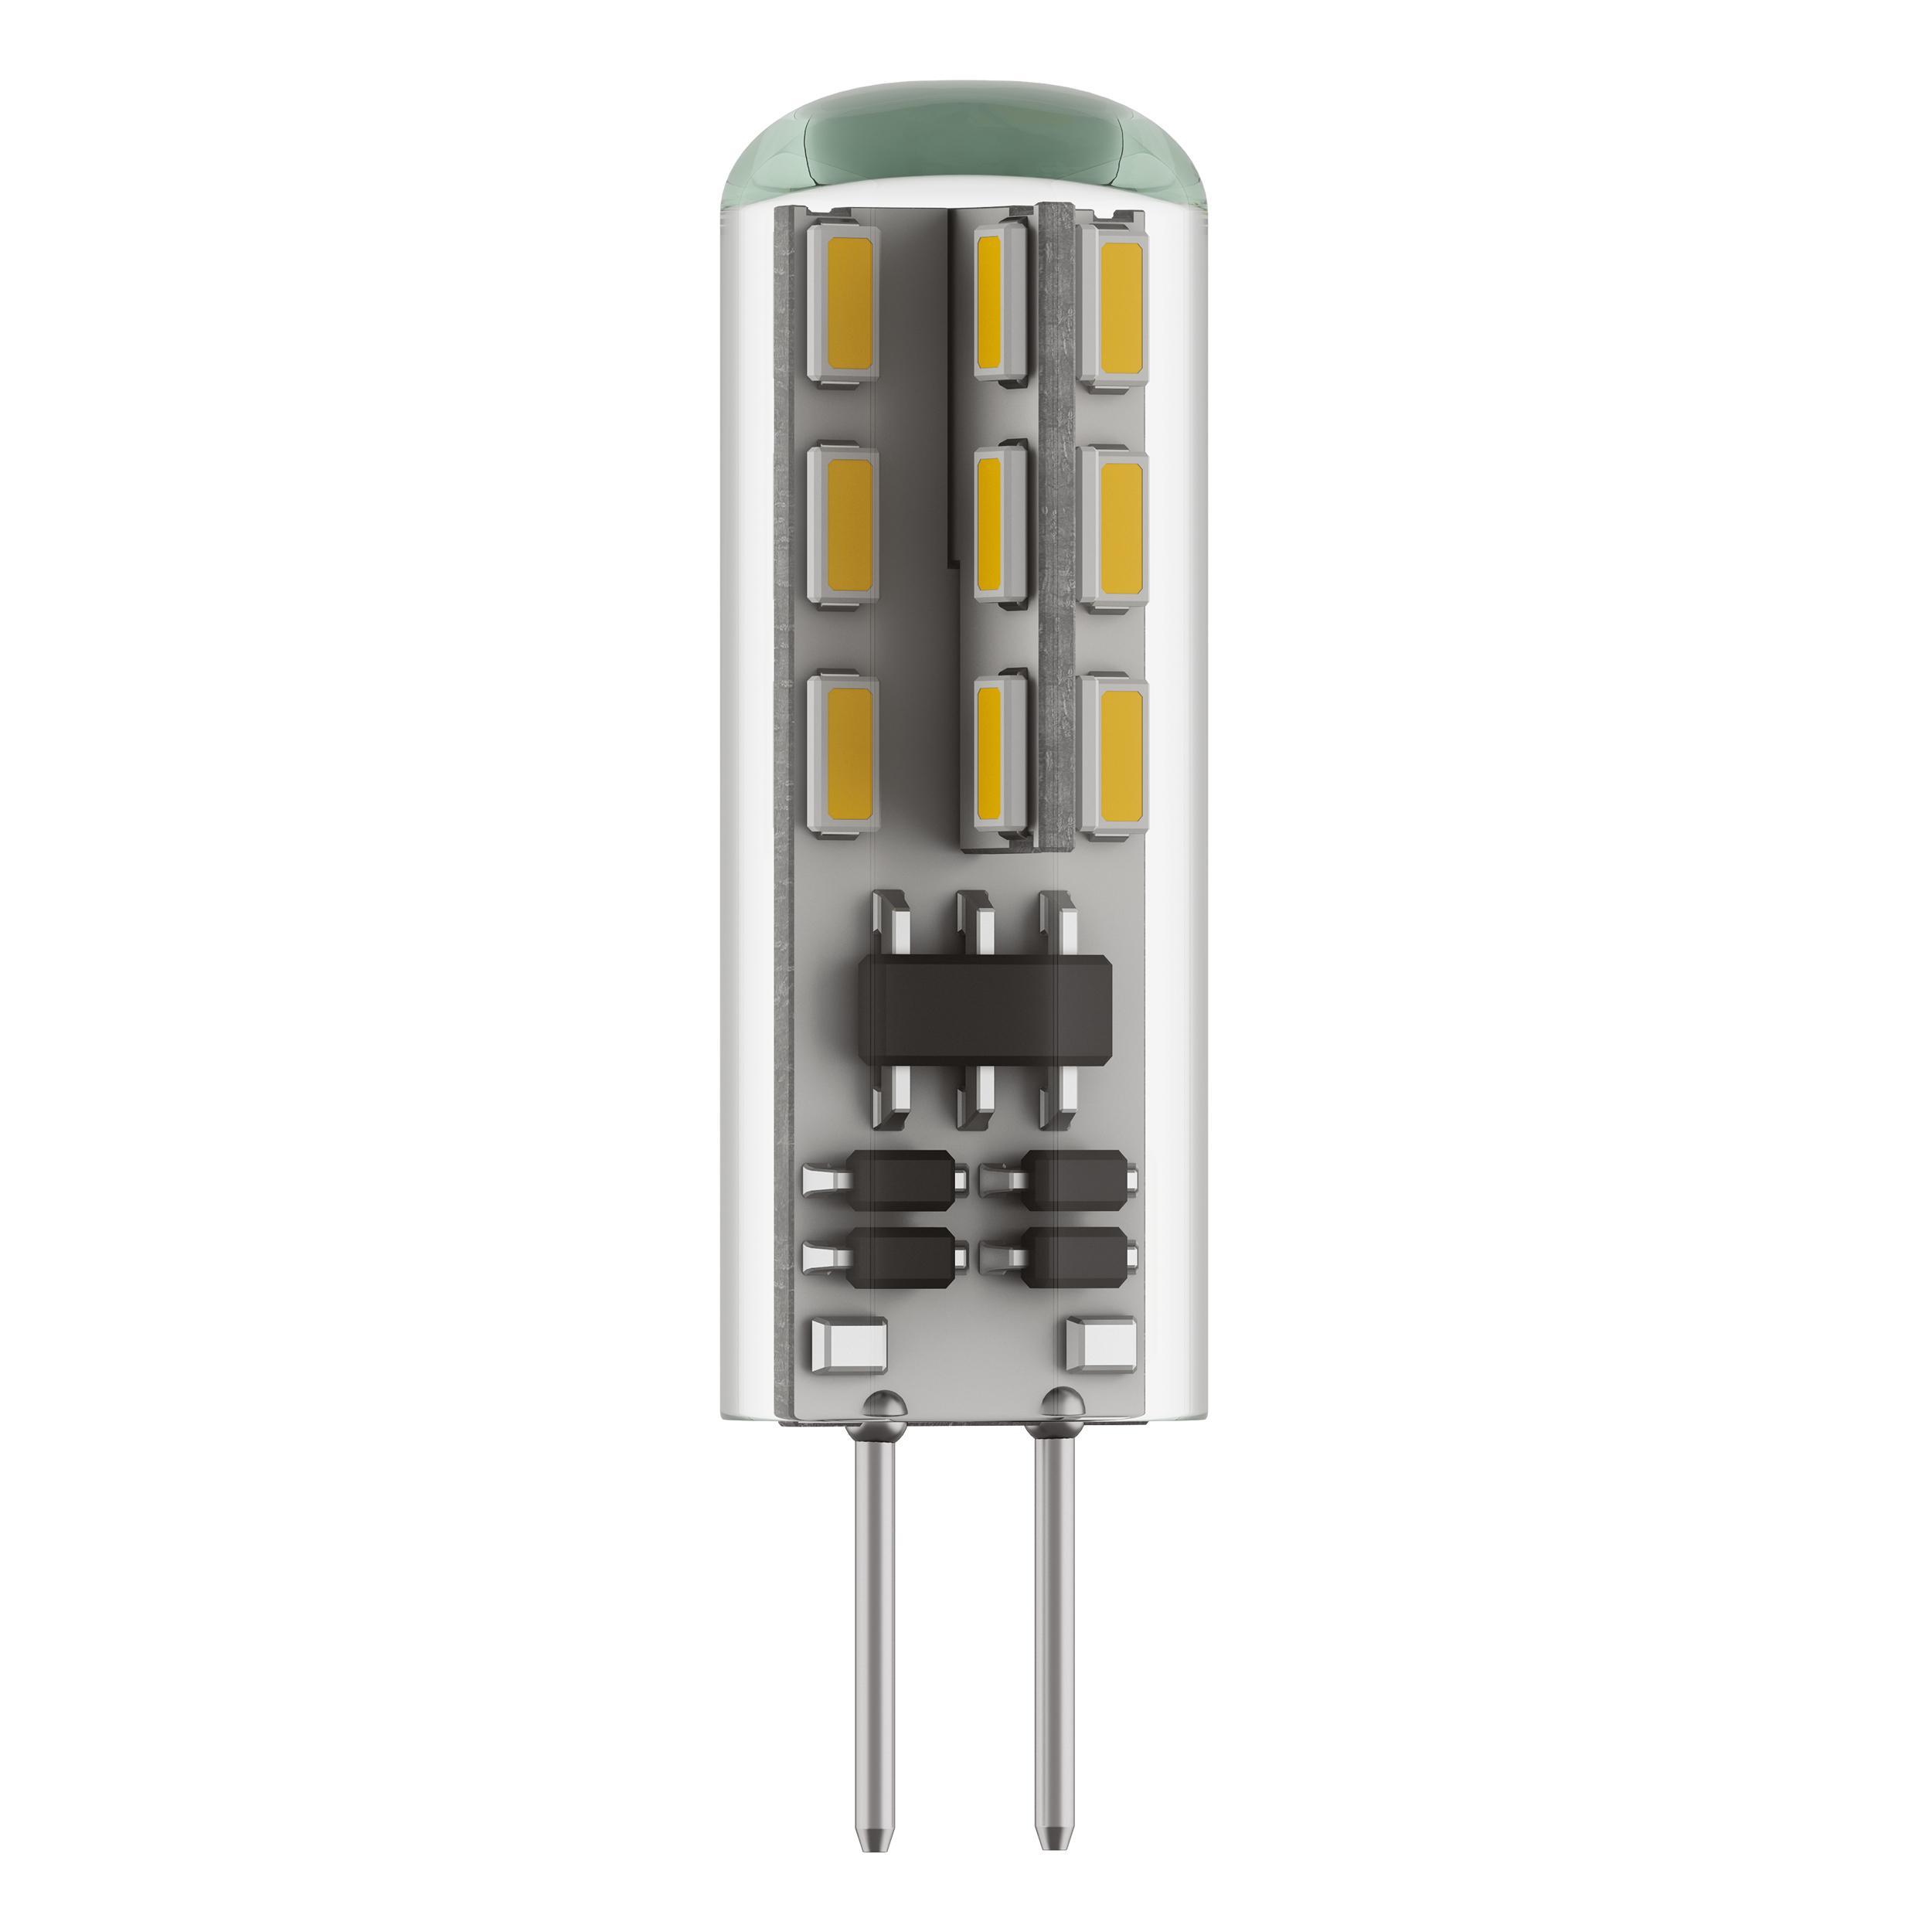 Светодиодная лампа Lightstar LED 932502 капсульная G4 1,5W, 3000K (теплый) 12V, гарантия 1 год - фото 1